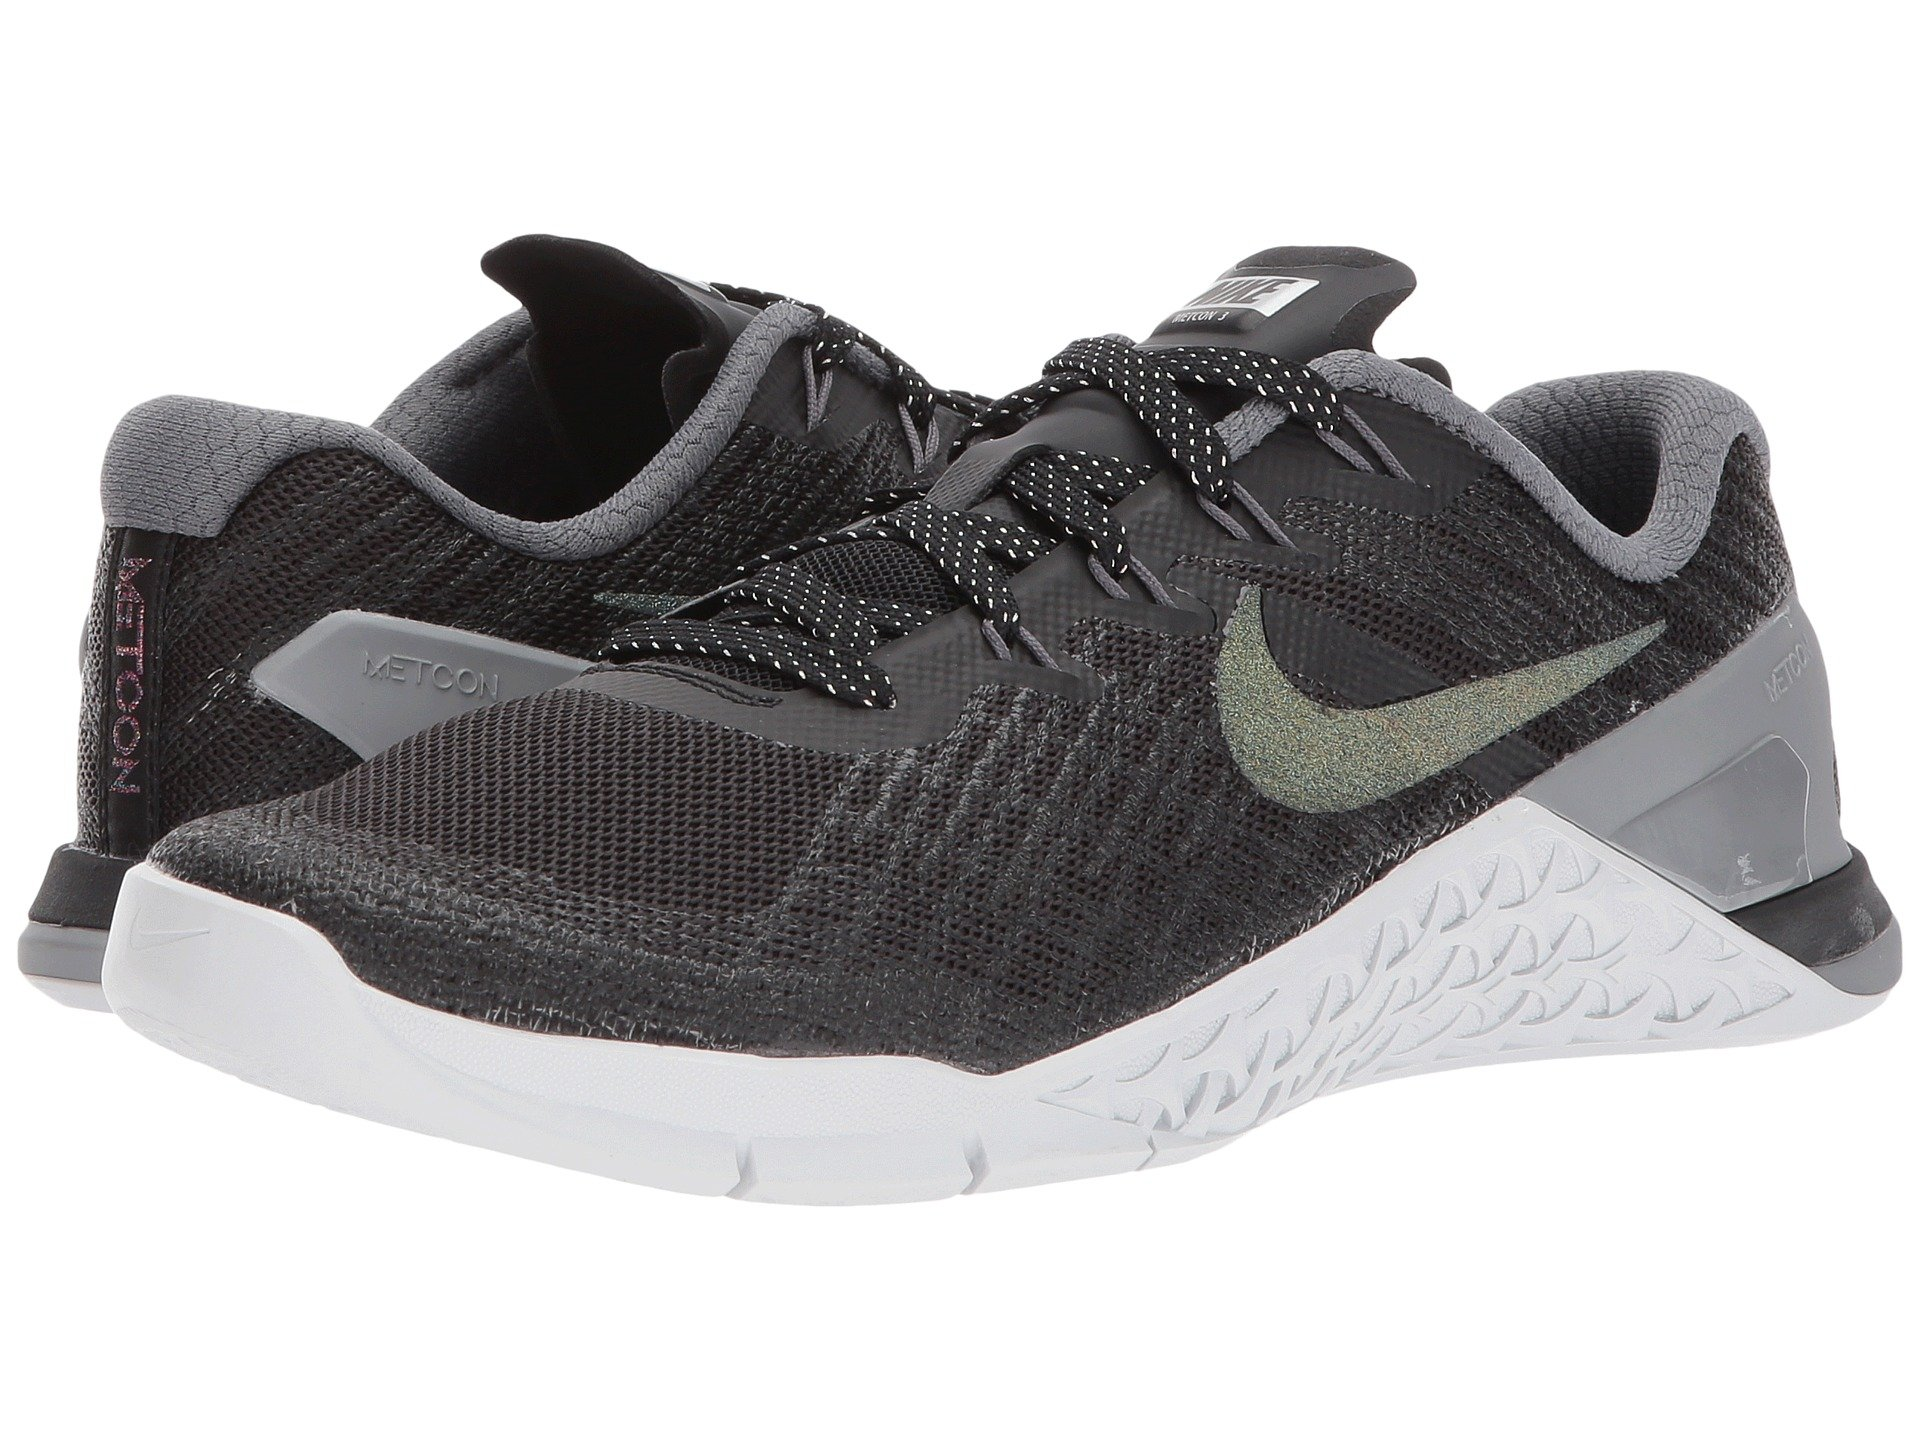 View More Like This Nike - Metcon 3 Metallic